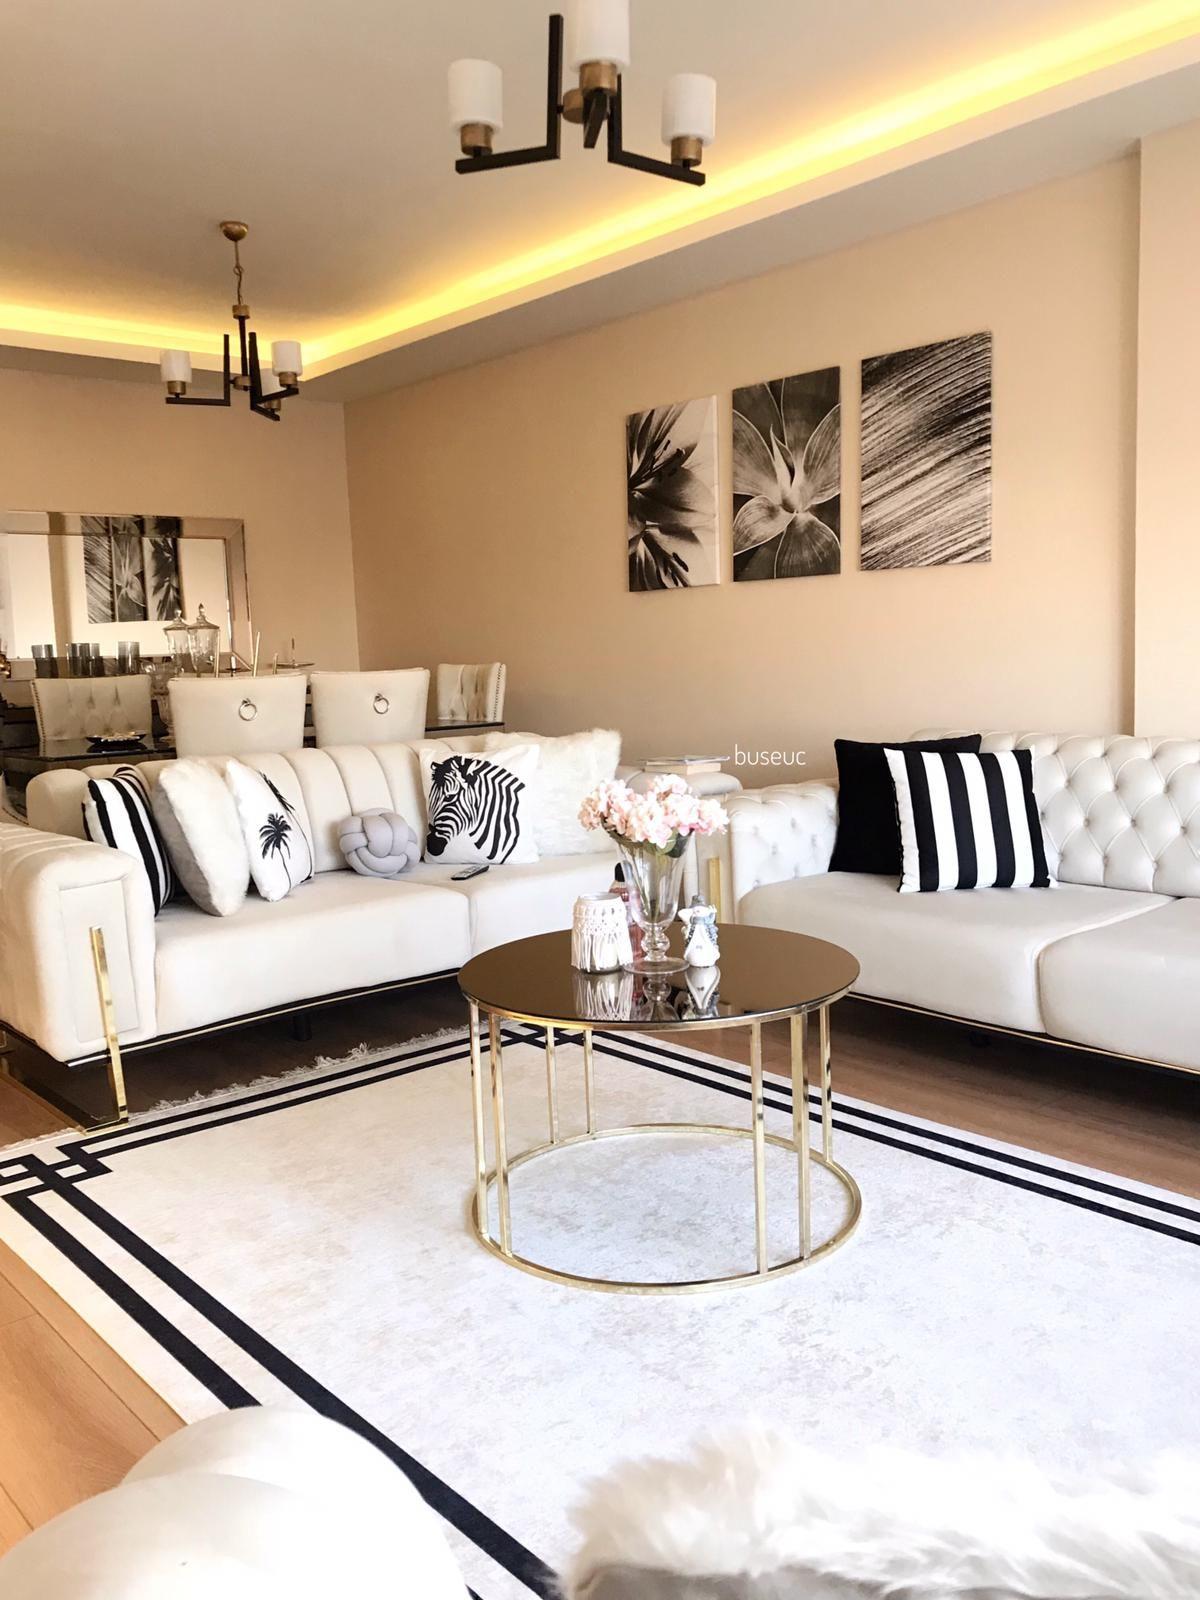 Beyazın Ferahlık Saçtığı Bu Evde Zarif Tasarımlar Her Köşede!